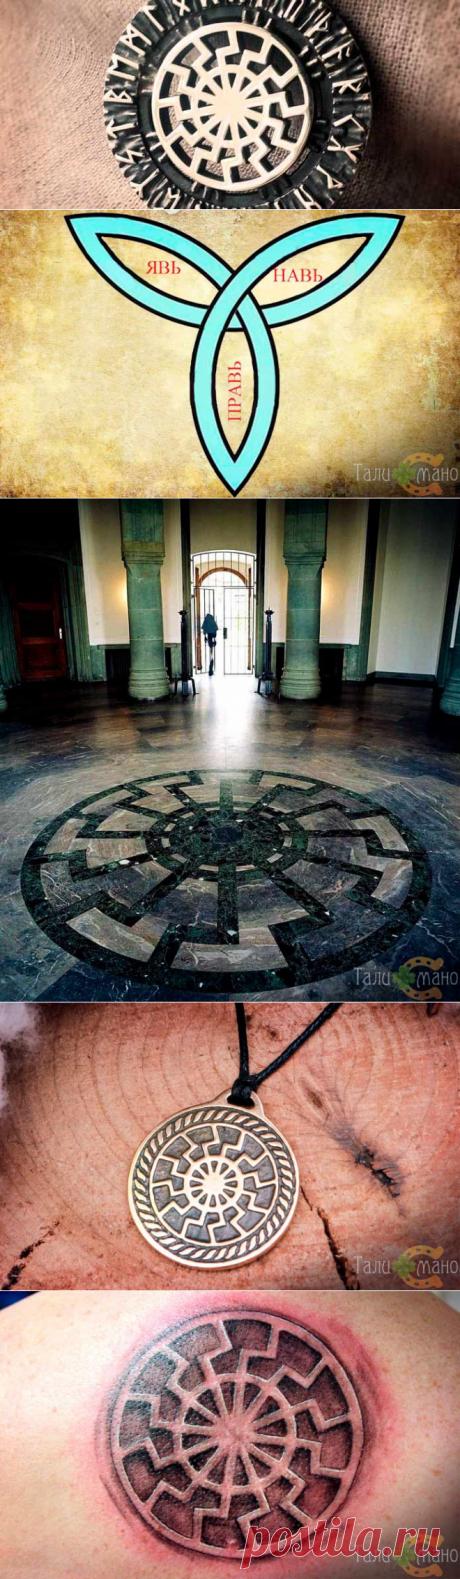 Как появился символ Чёрное солнце: значение оберега у славян